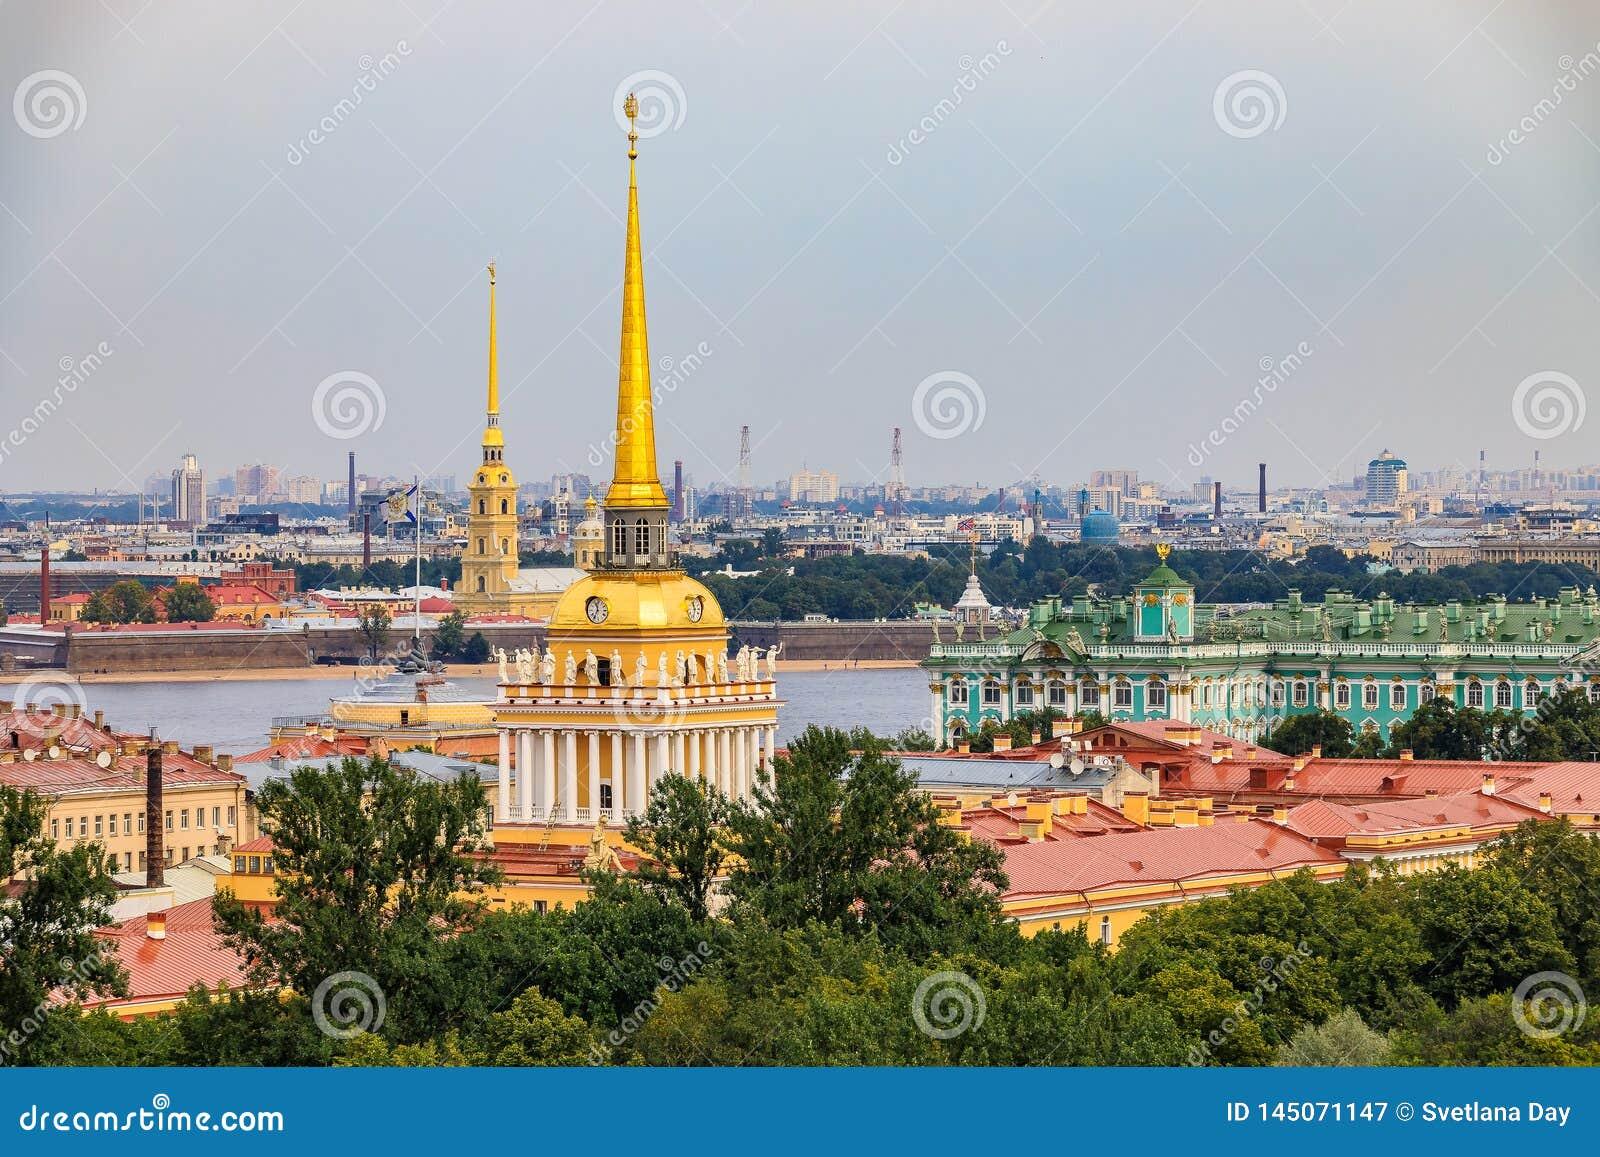 Horizonte de la ciudad con el chapitel del Ministerio de marina, el Peter y Paul Fortress, el río Neva y el palacio del invierno